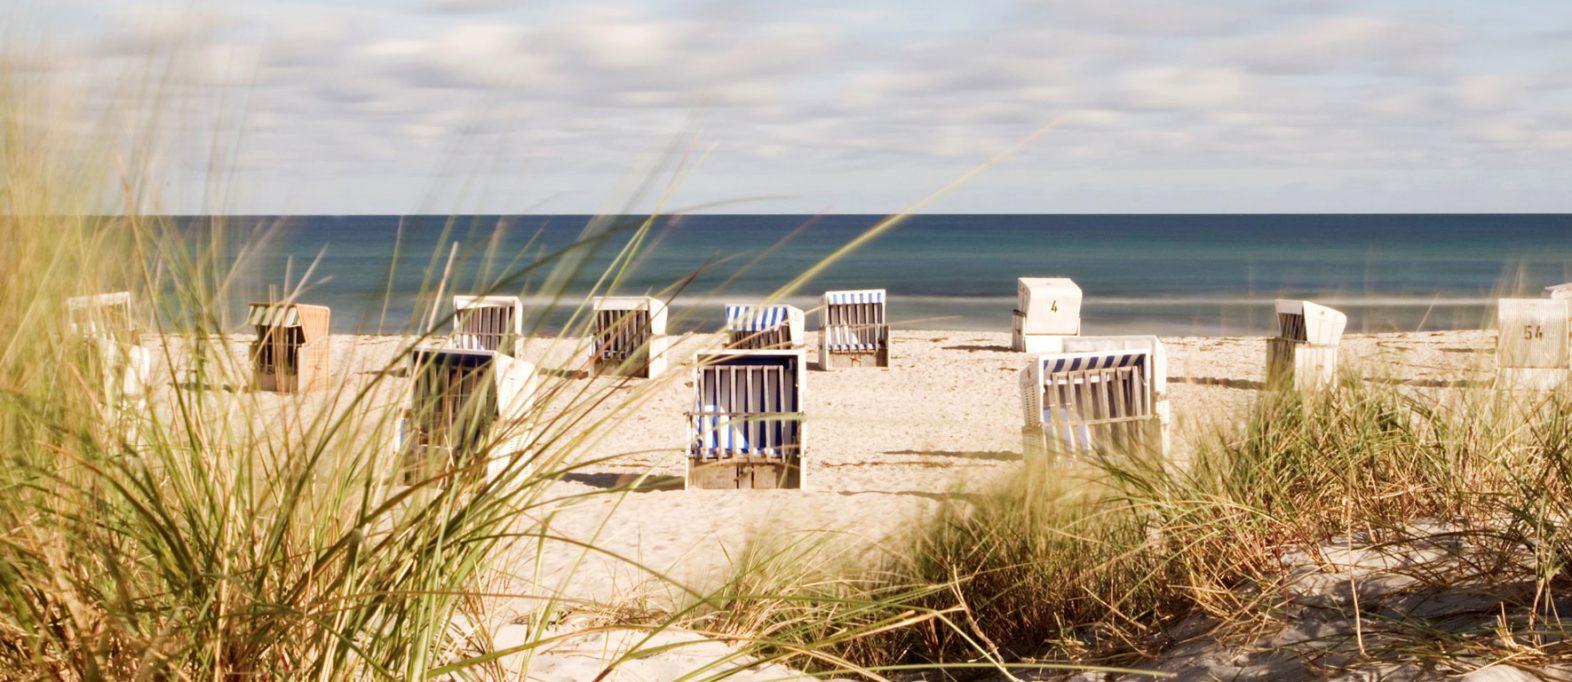 Urlaub in Deutschland Tipps